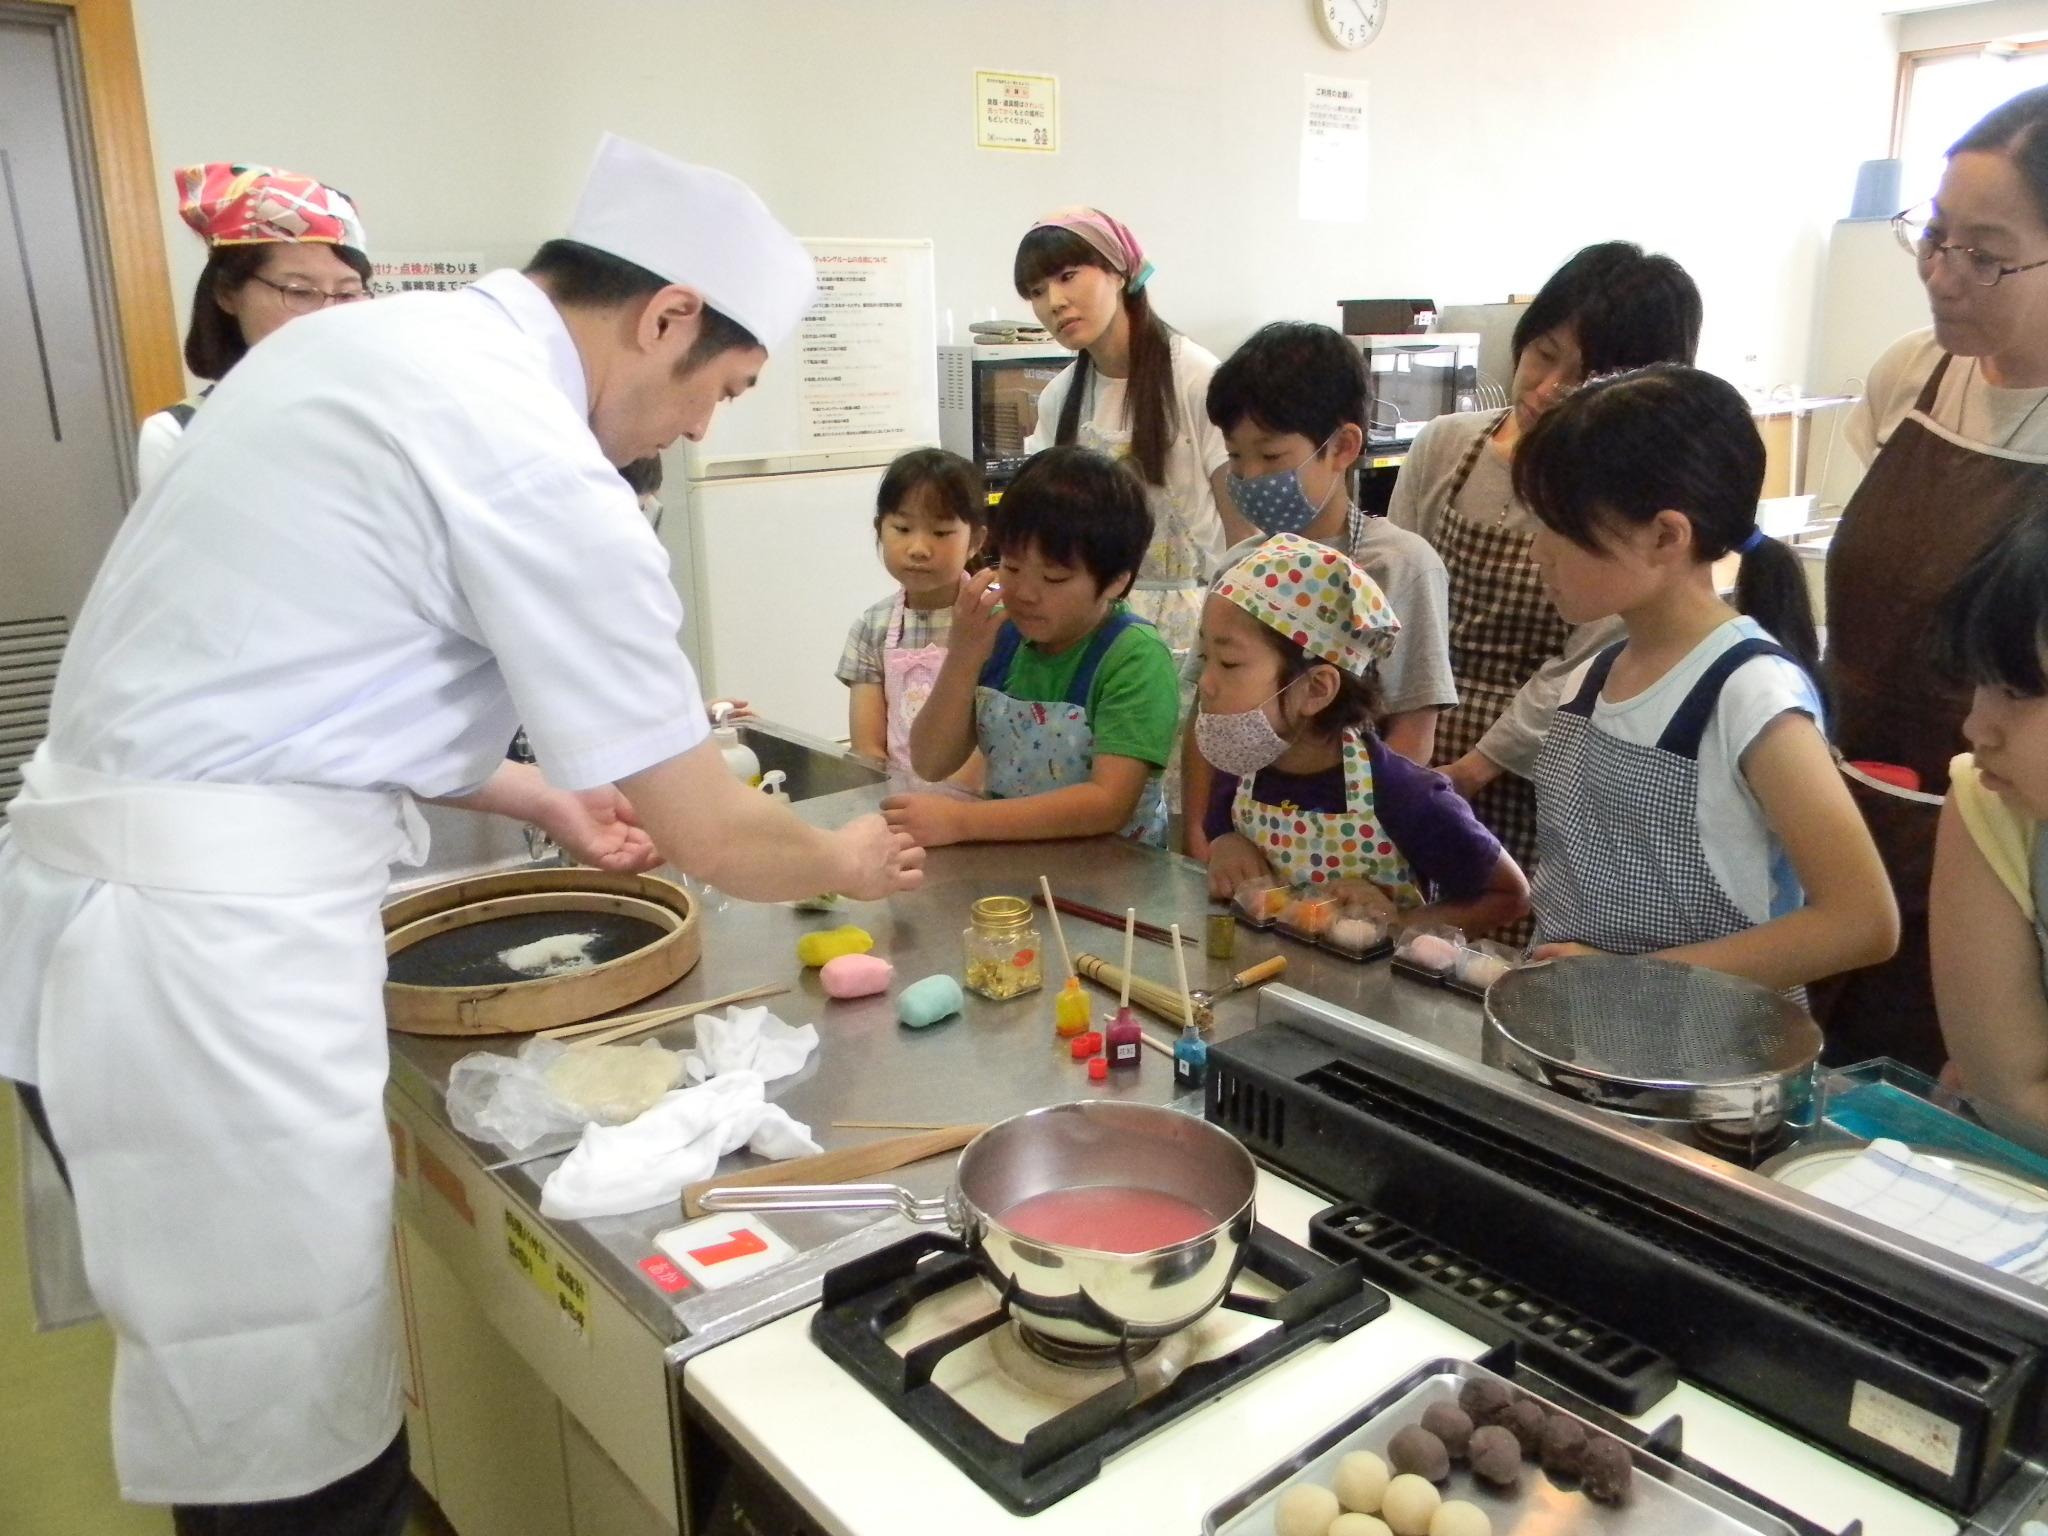 プロから学ぶ和菓子作り